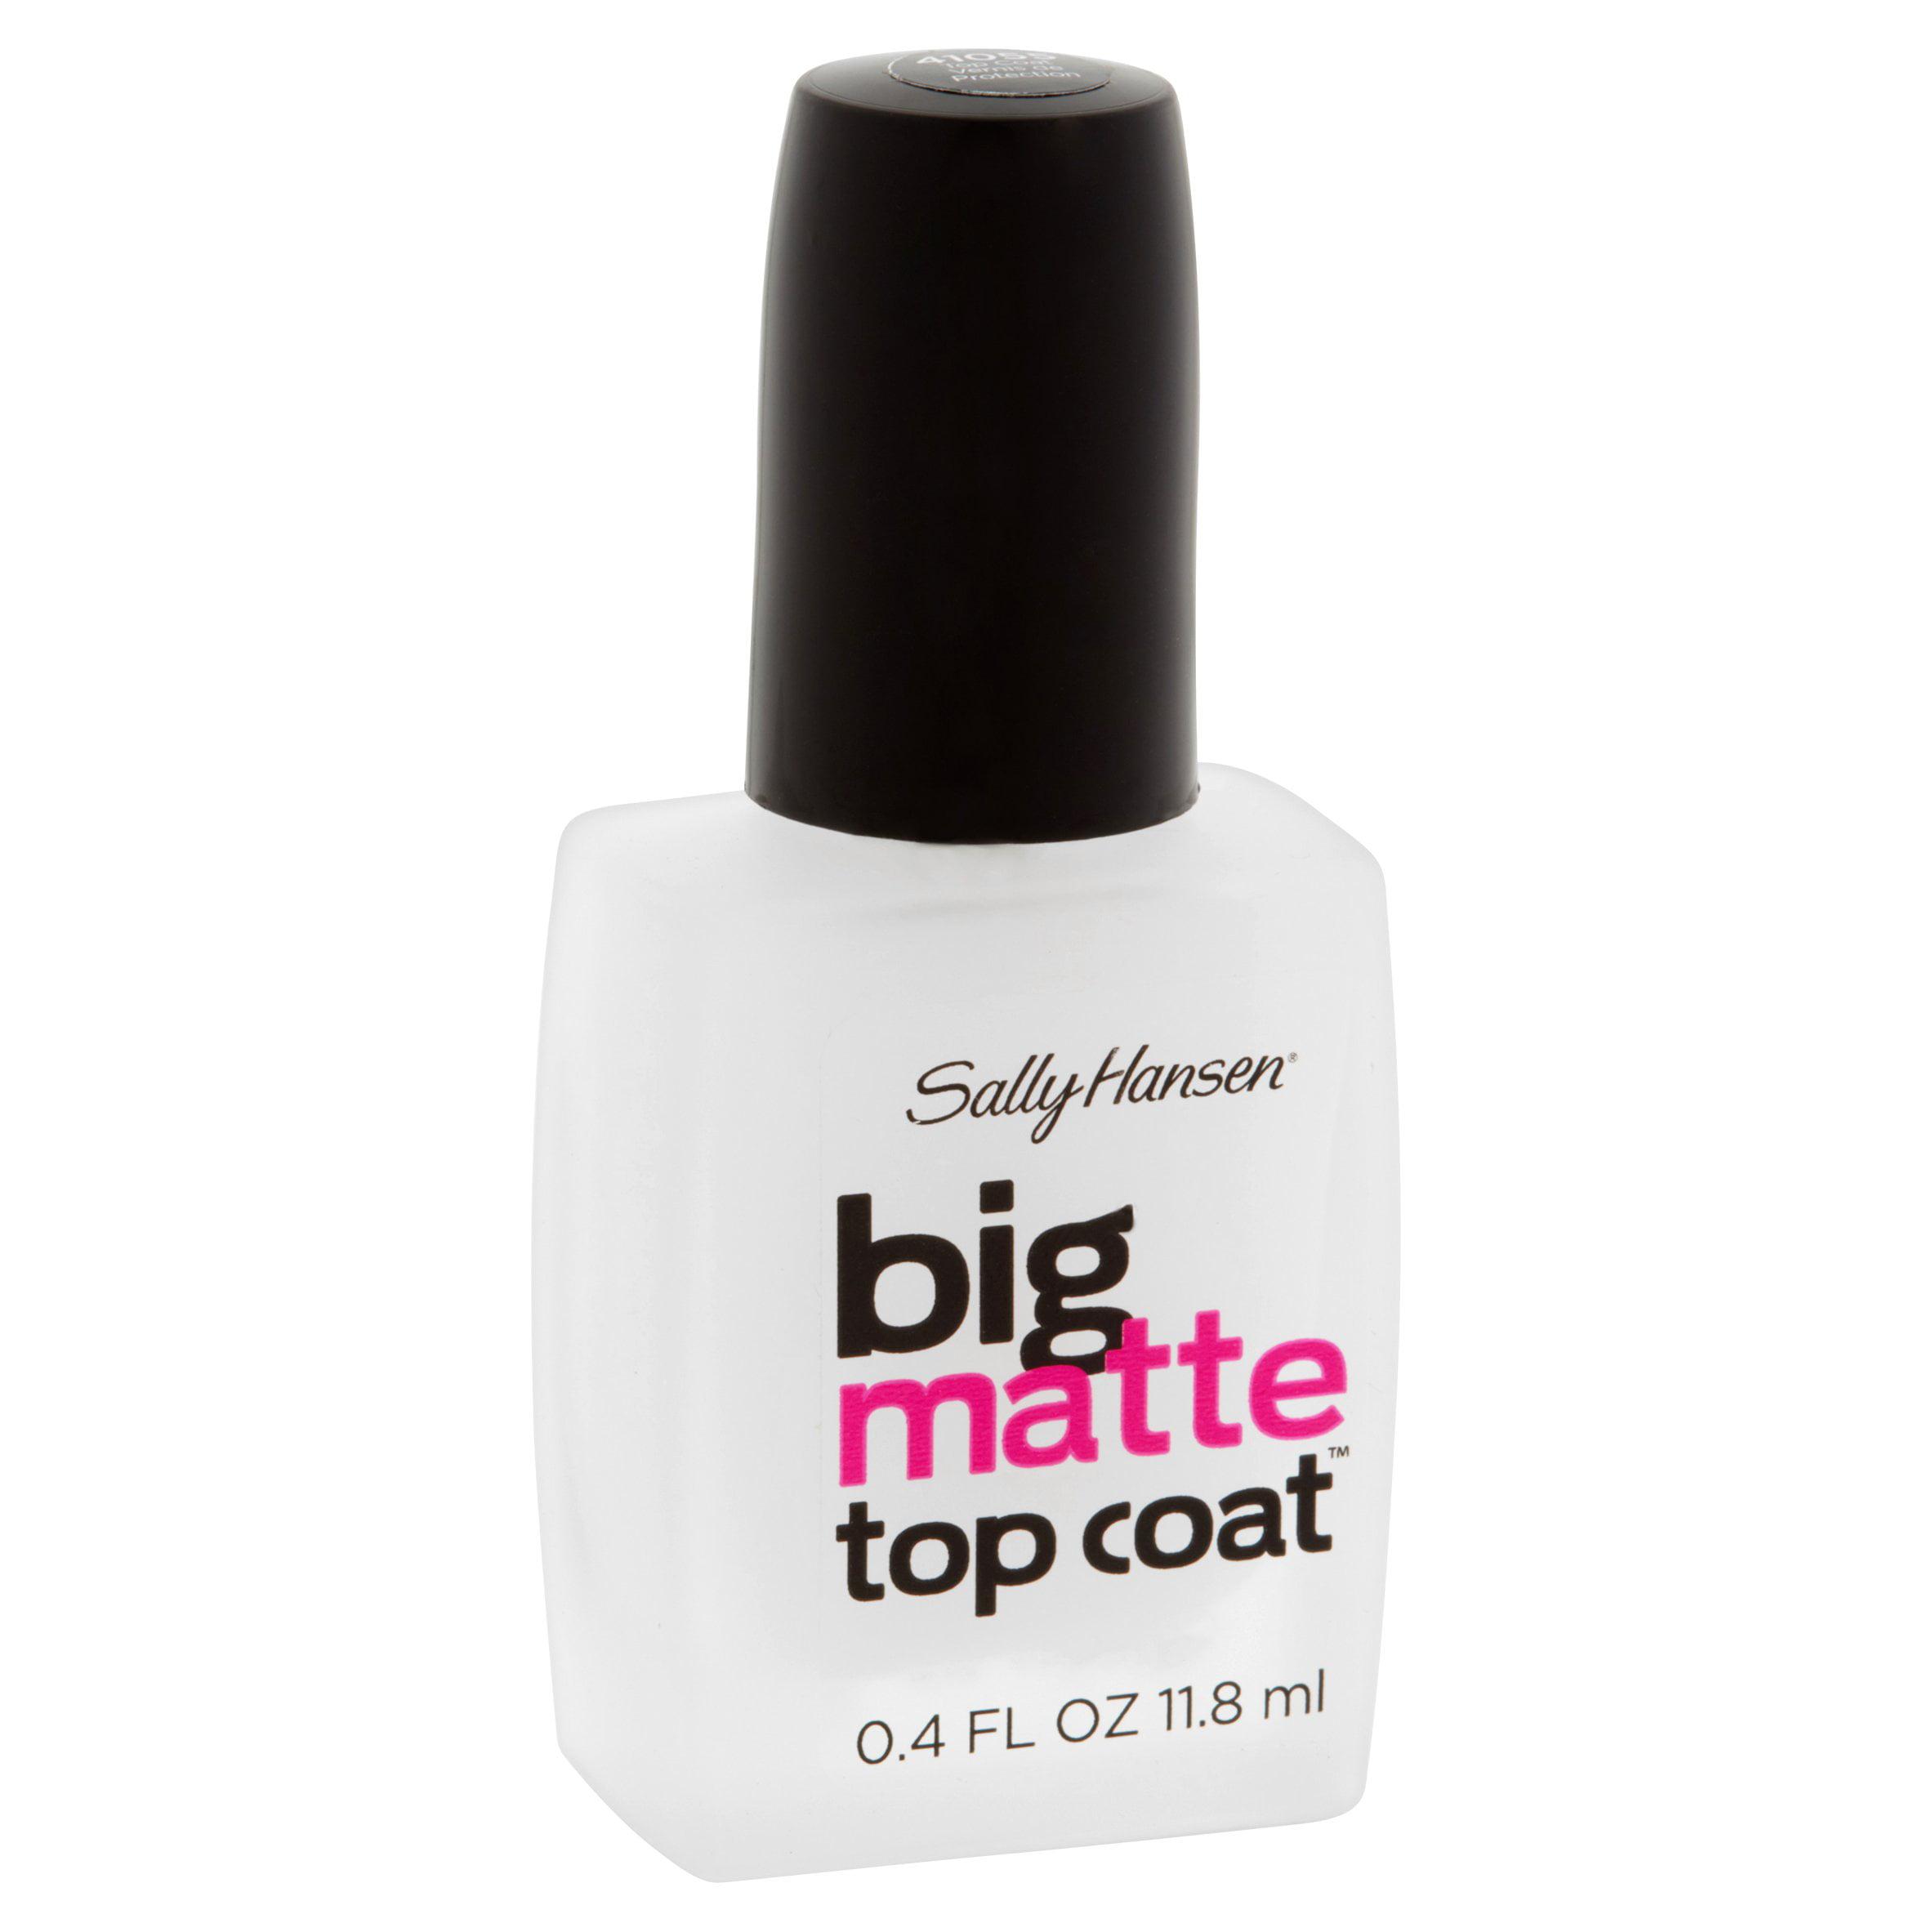 Sally Hansen Big Matte Nail Top Coat, Clear, .4 fl oz - Walmart.com